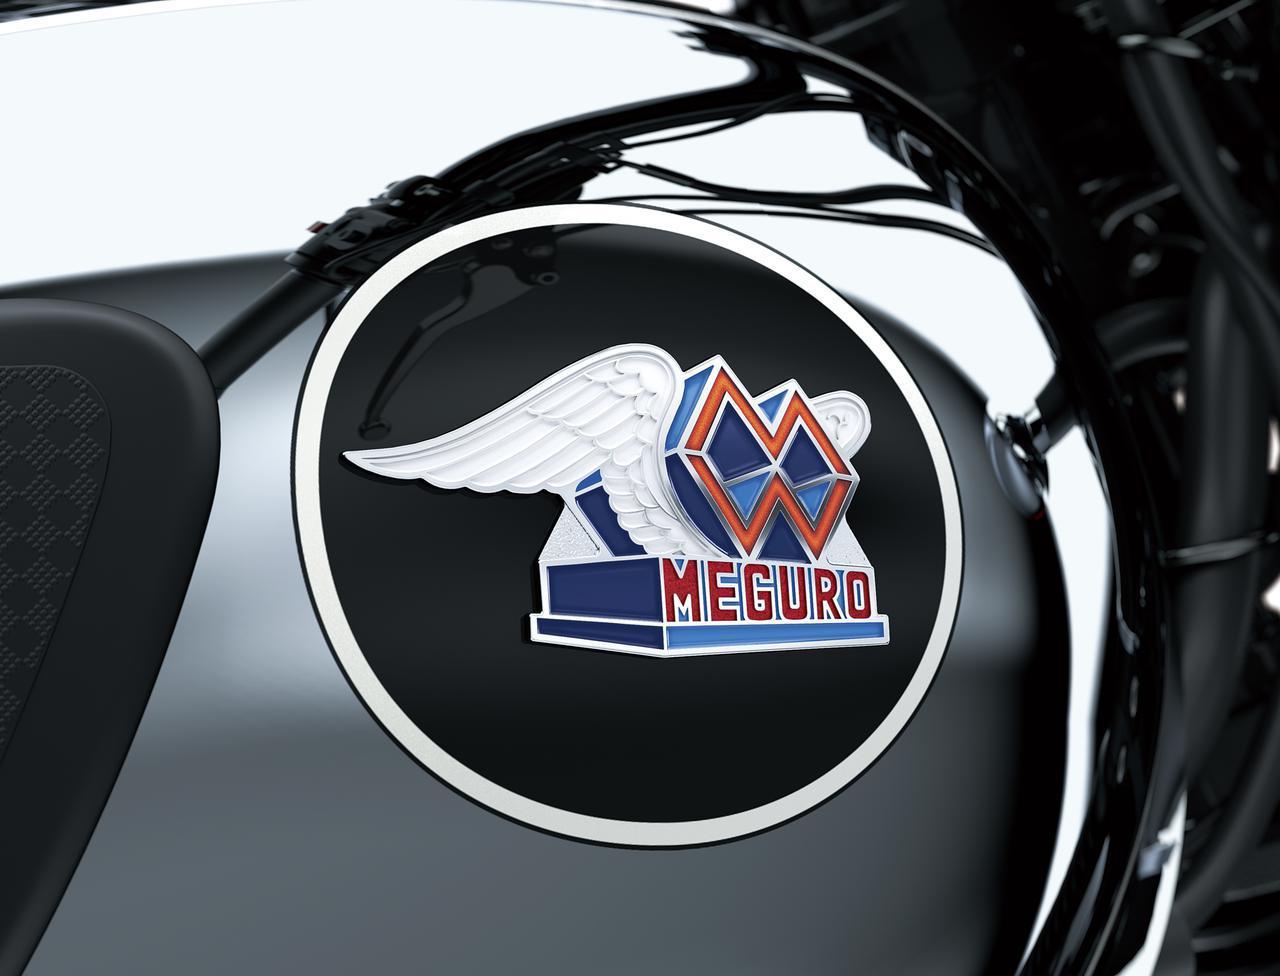 画像1: カワサキが「メグロK3」の2022年モデルを発表|最新の排ガス規制に適合させ現役続行! 令和の時代を走る空冷2気筒大型バイク